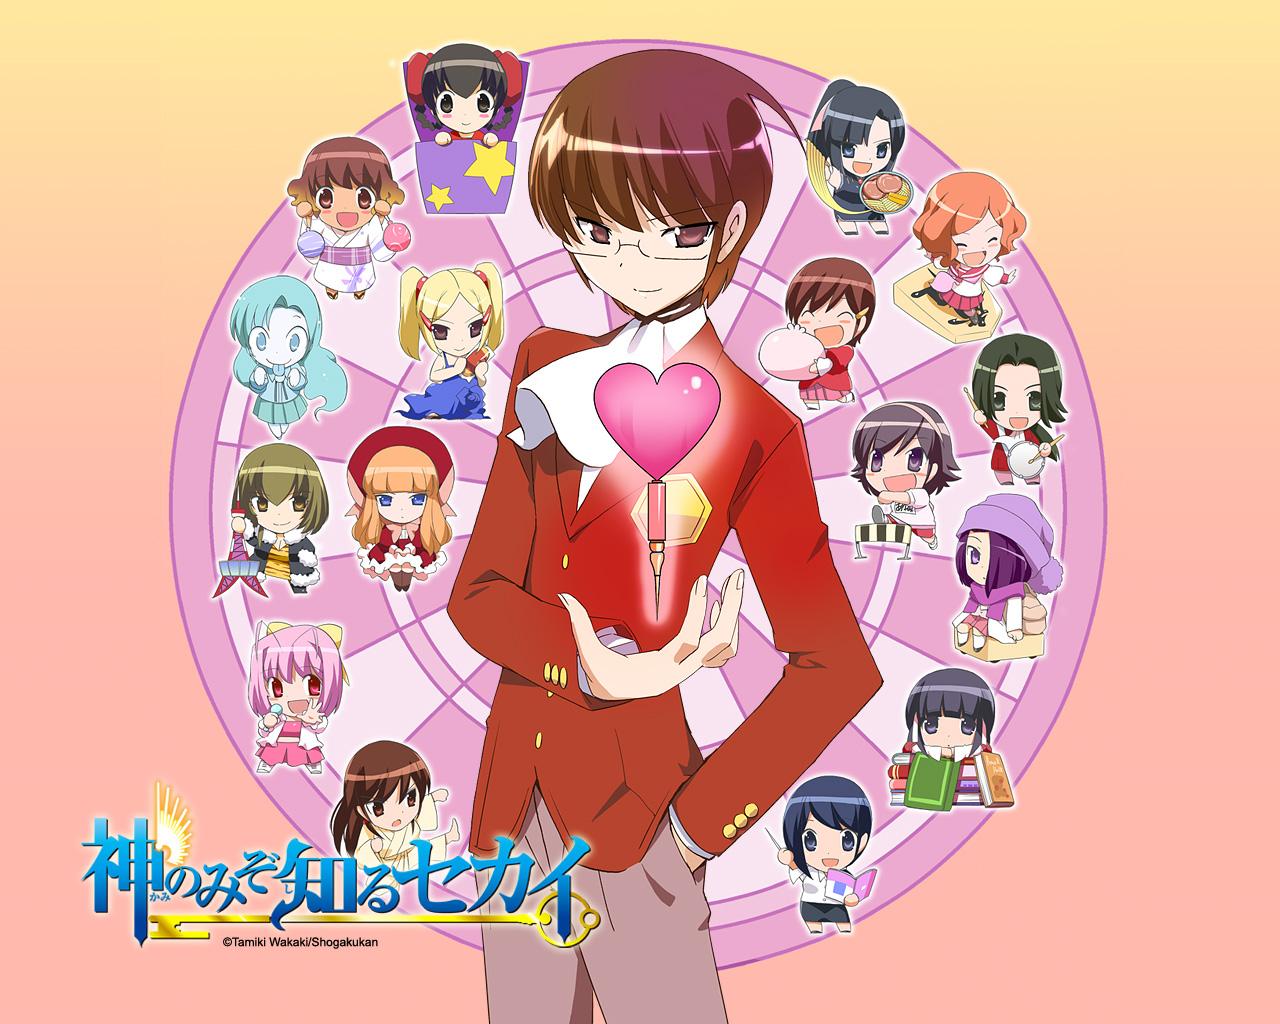 Kami nomi zo shiru sekai clipart clip art library stock Image Kami nomi zo Shiru Sekai Anime clip art library stock